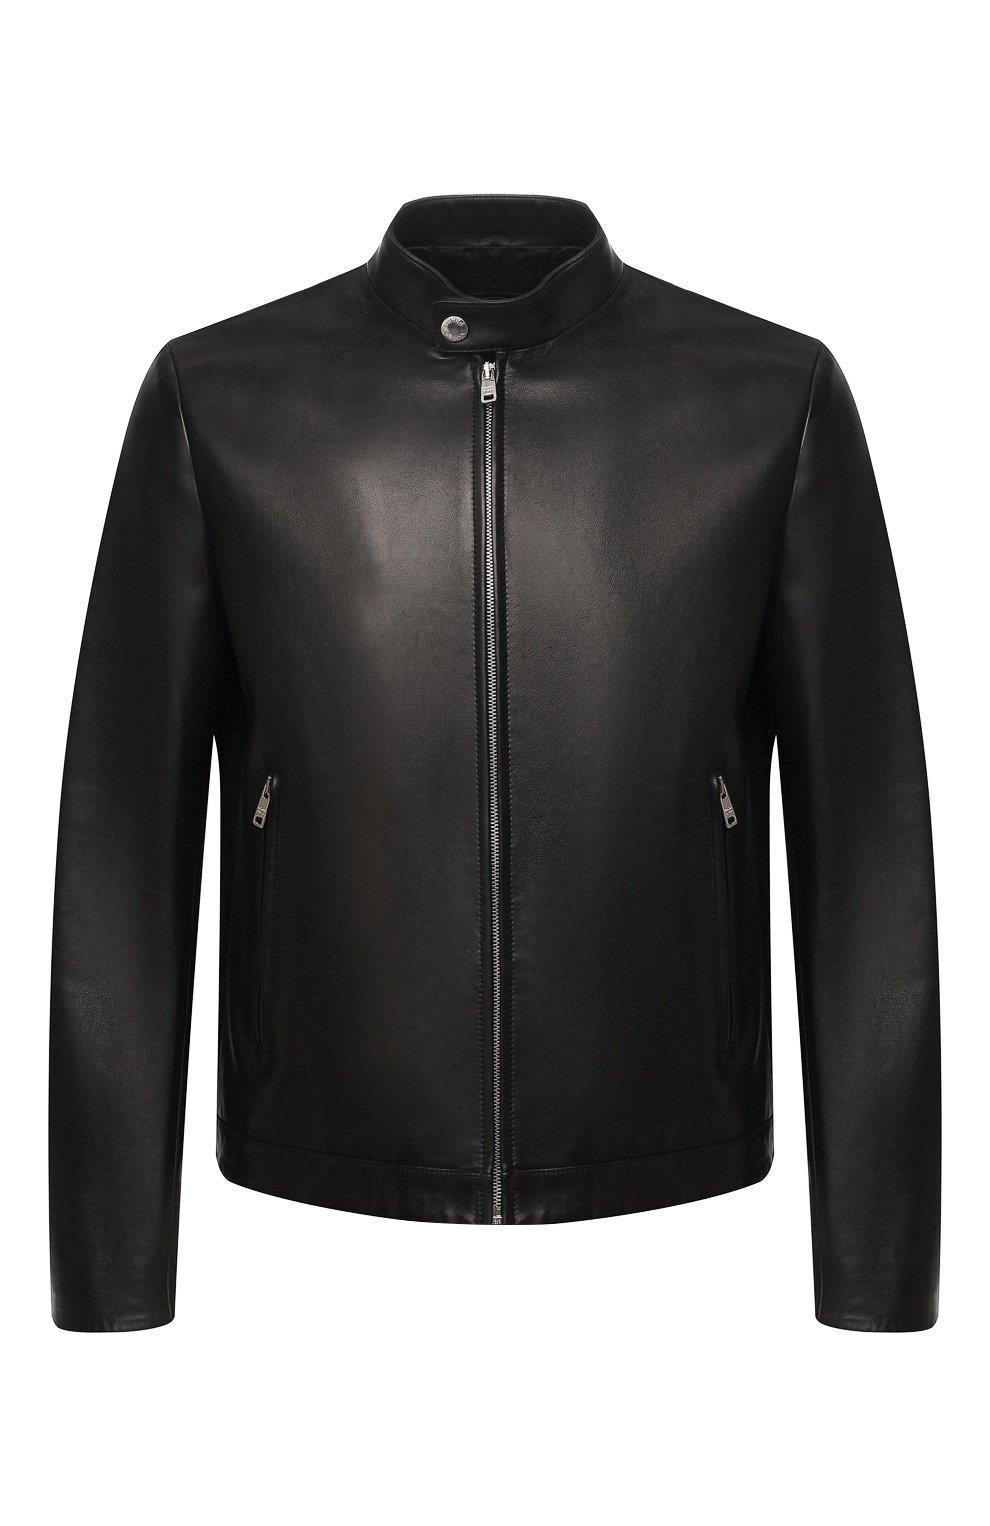 Мужская кожаная куртка PRADA черного цвета, арт. UPW226-1F21-F0002   Фото 1 (Кросс-КТ: Куртка; Рукава: Длинные; Мужское Кросс-КТ: Кожа и замша; Длина (верхняя одежда): Короткие; Стили: Кэжуэл)